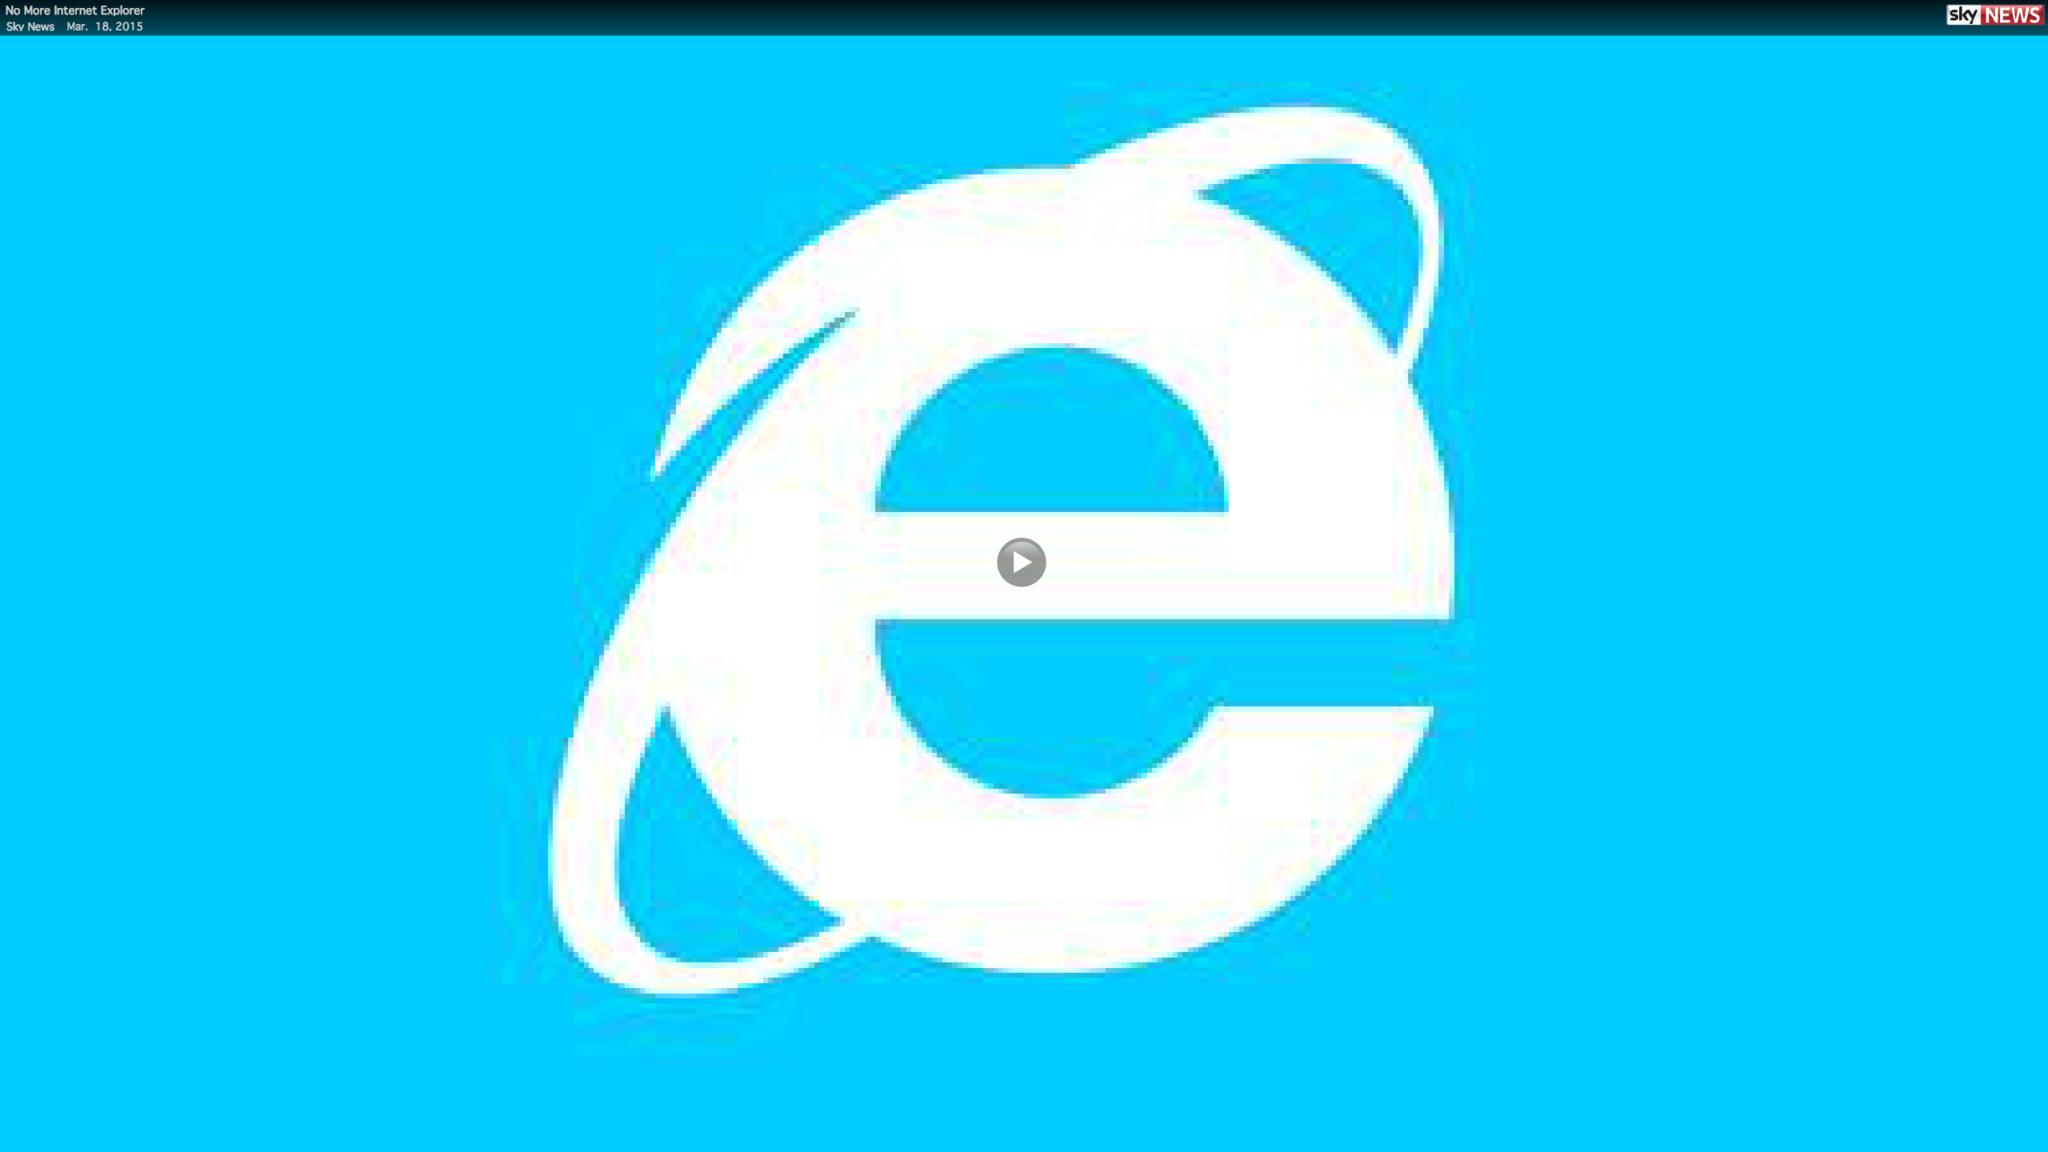 No More Internet Explorer Baltimore Sun